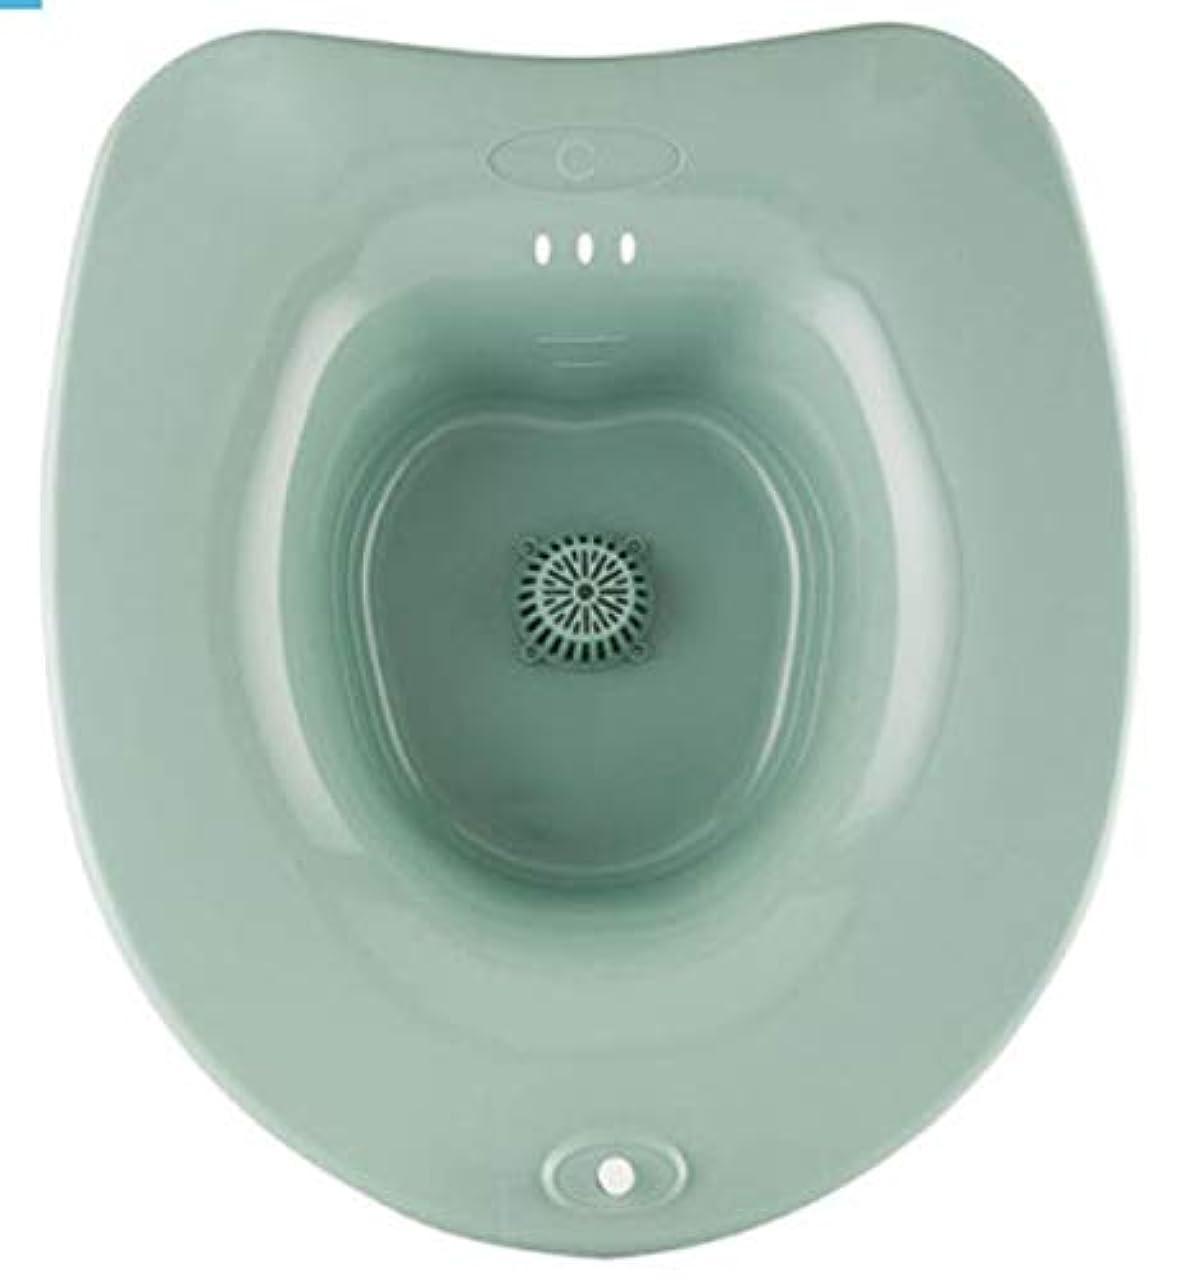 カジュアル追記略奪医師から座浴をお勧められた時、コードレス自動バブルお尻の座浴器、子宮健康、痔の悩み清潔、、、